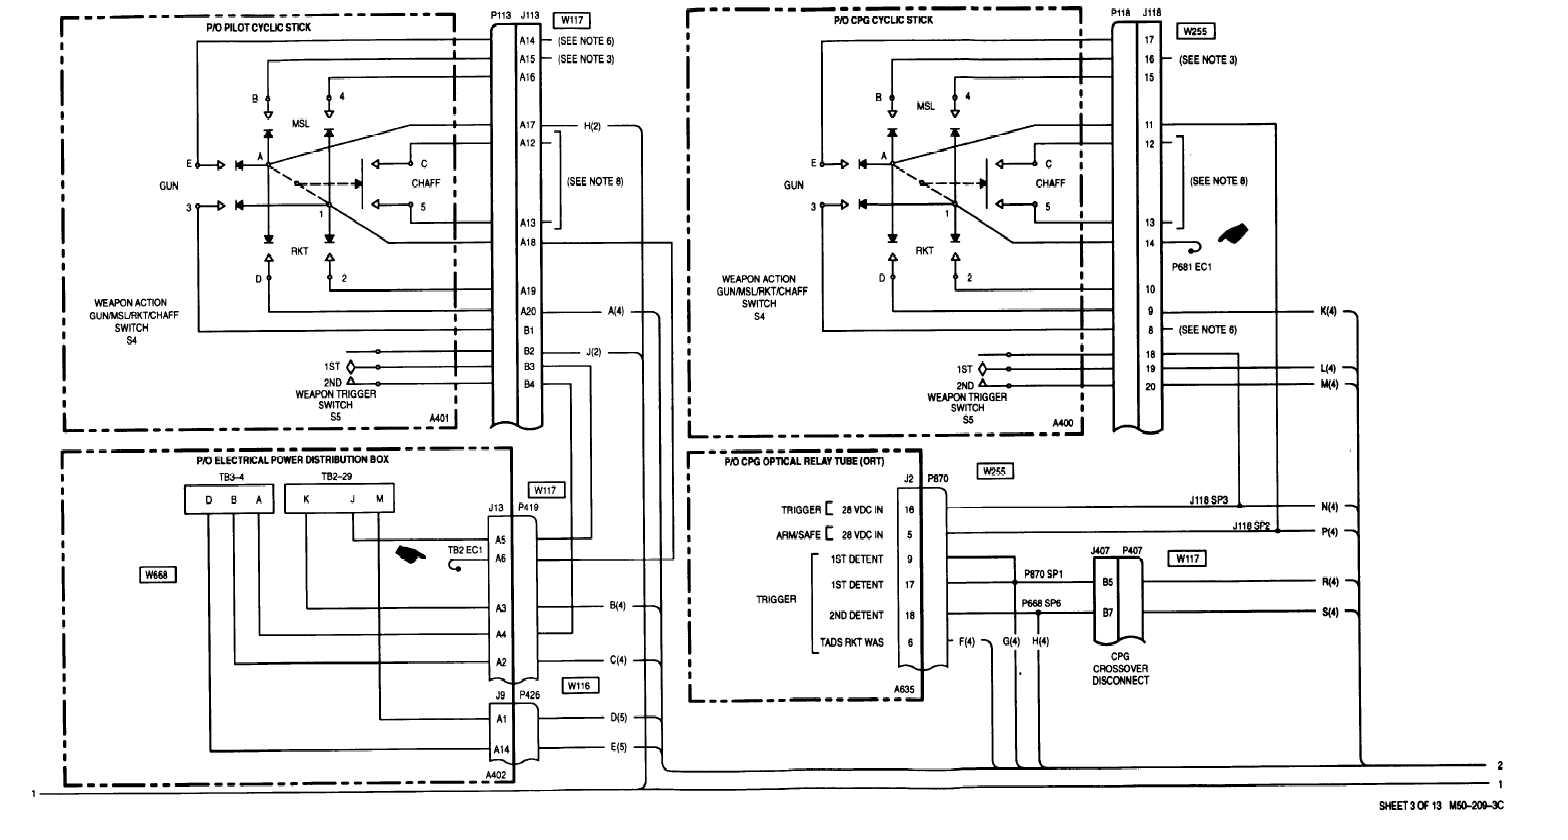 Sheet 3 0f 13 M50 209 1a